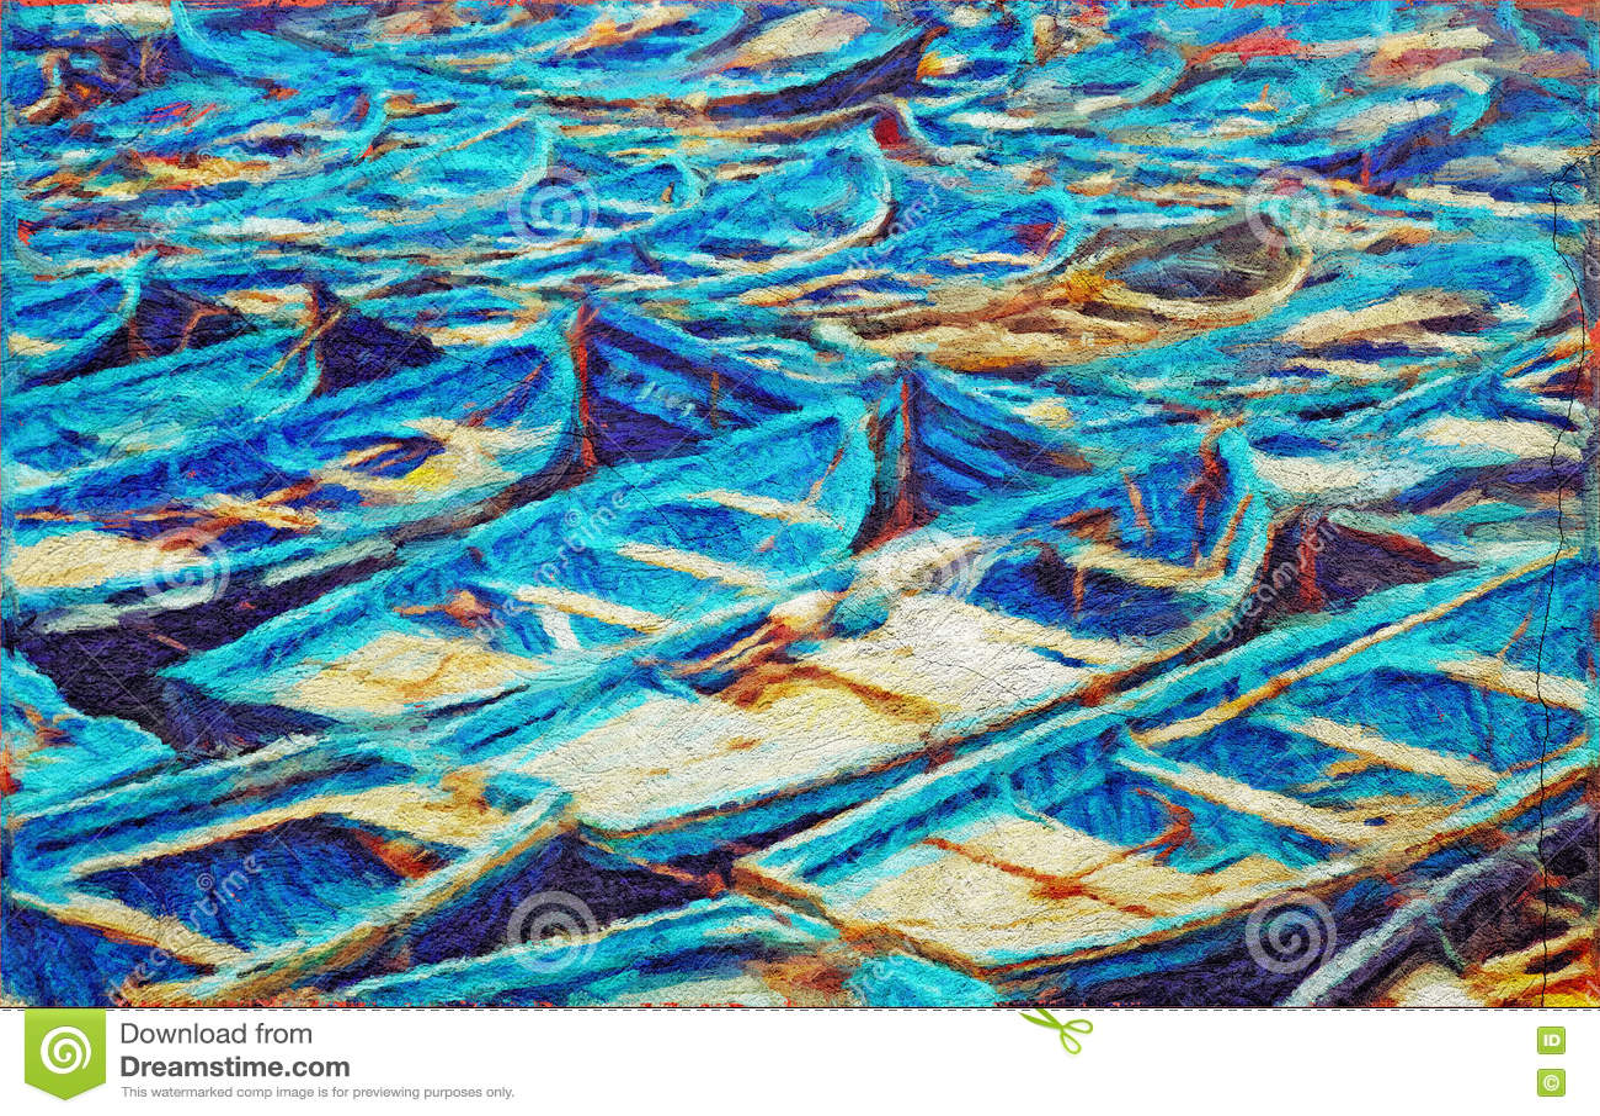 De boten van de sleepboot op zee het acryl schilderen stock foto's ...